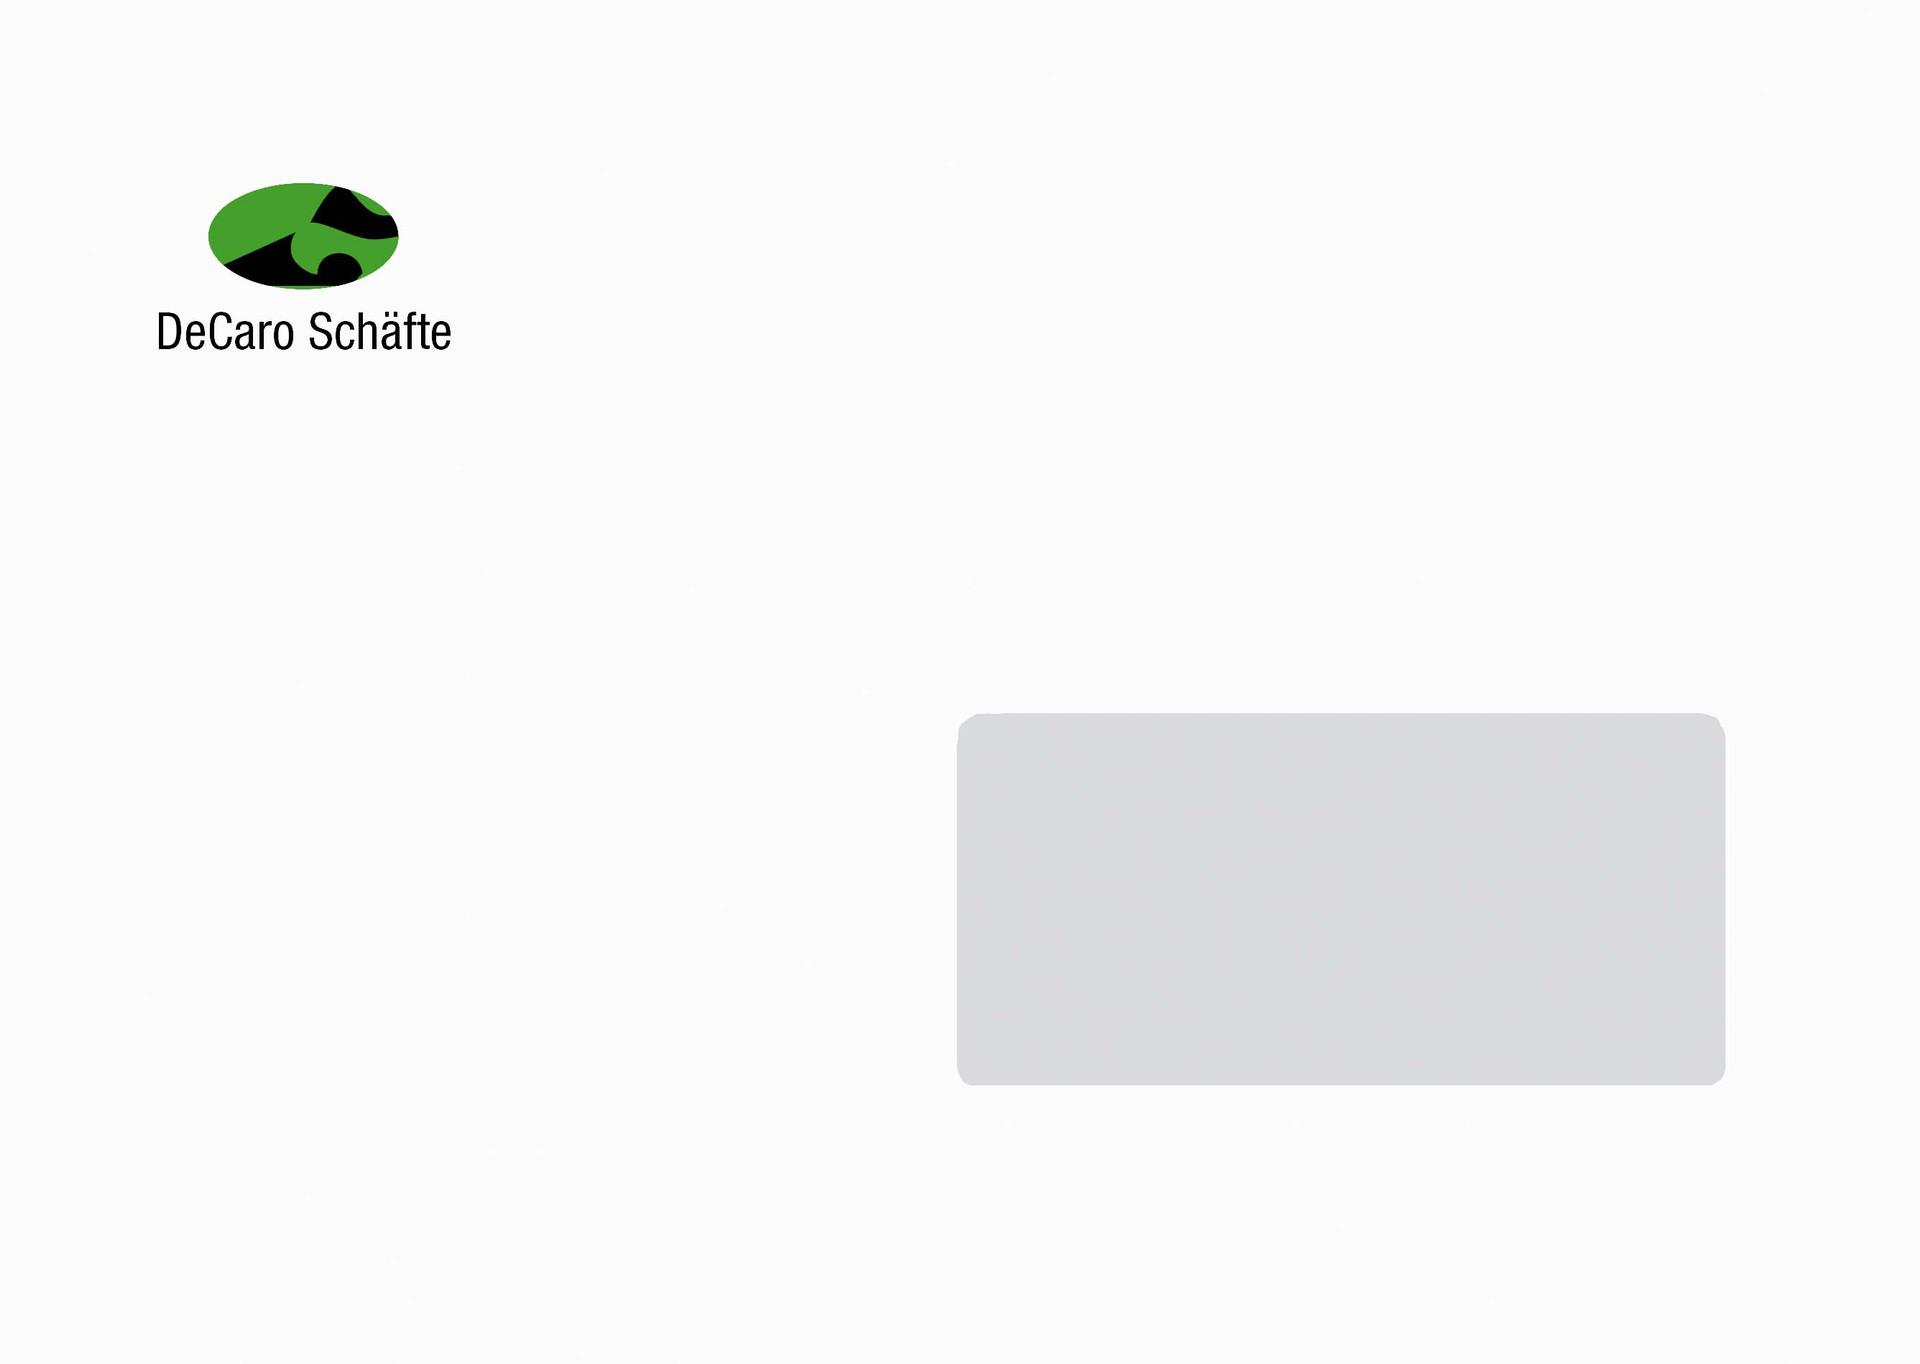 BRIEFUMSCHLAG - DE CARO SCHÄFTE